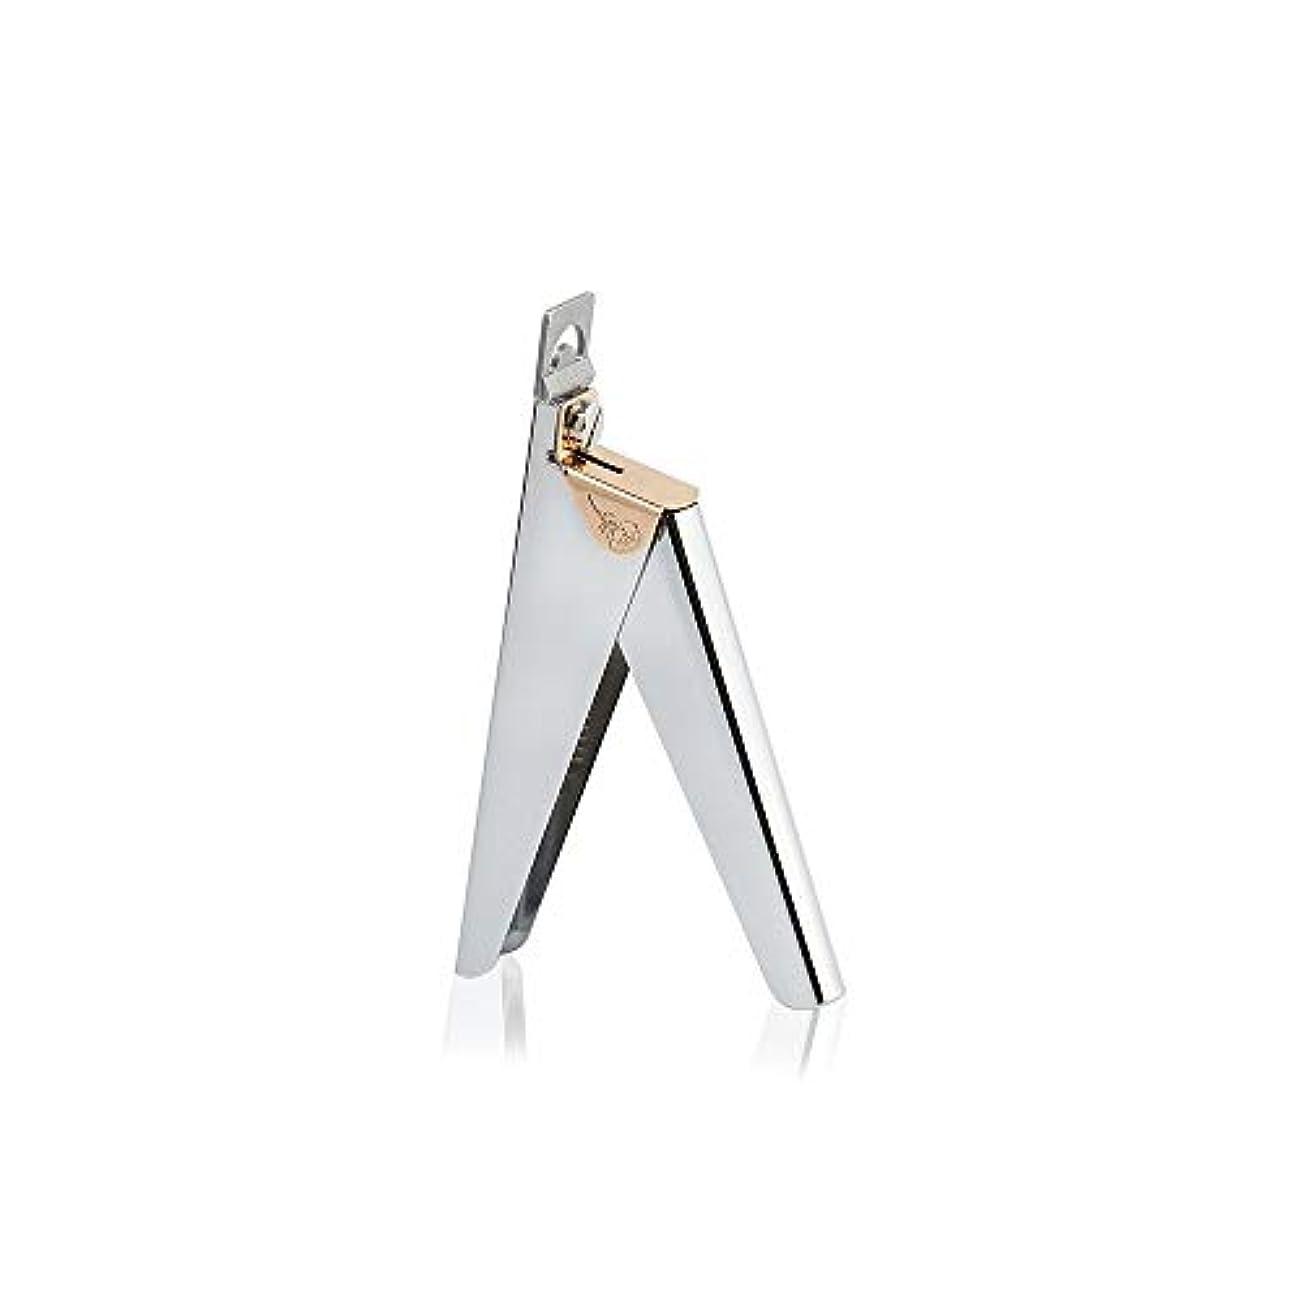 浸透する増幅のみU字型ネイルアートクリッパーはさみステンレス爪切り男女兼用 爪切り、シルバー